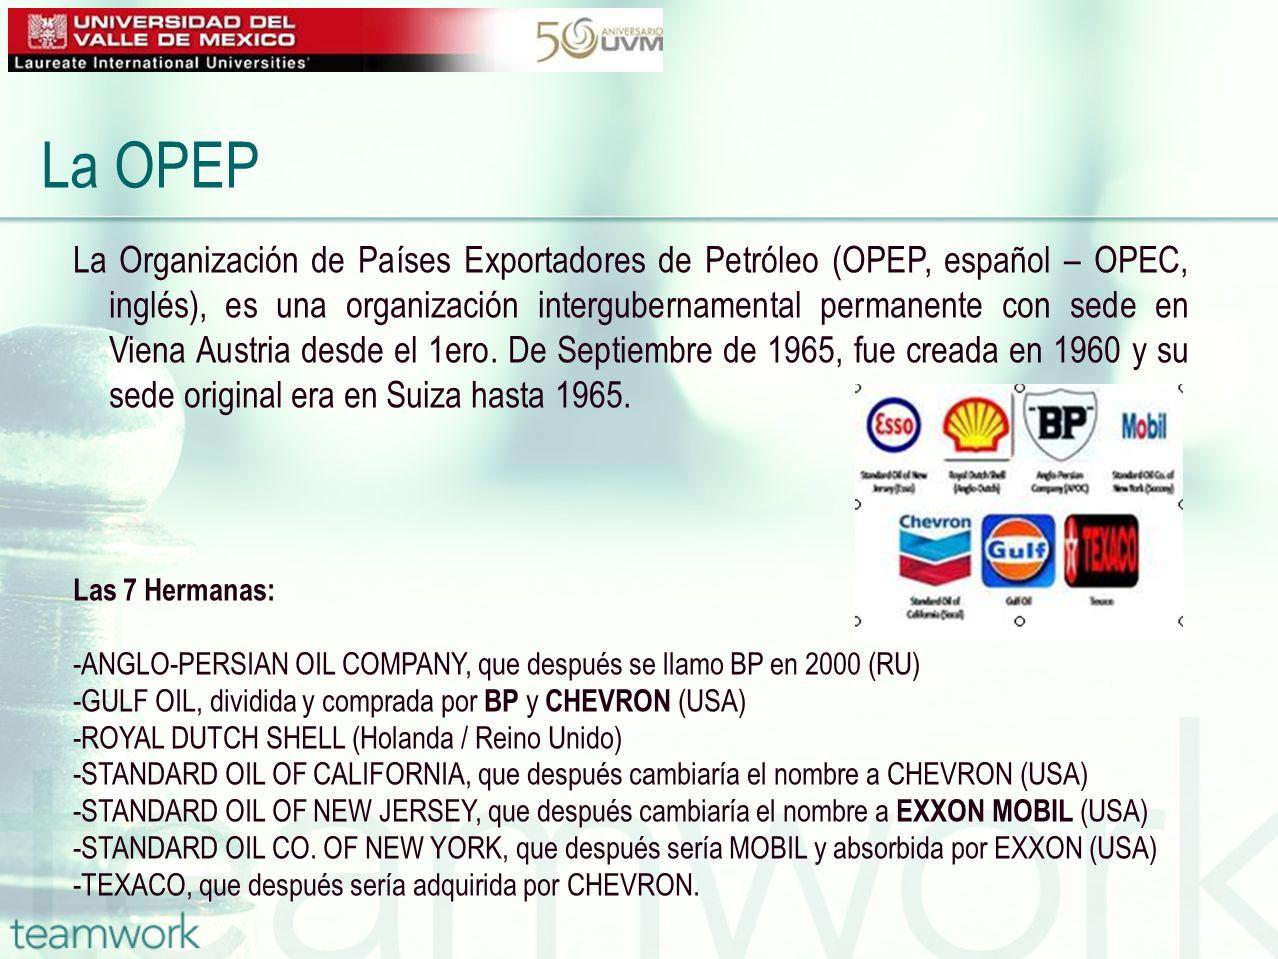 La Organización de Países Exportadores de Petróleo (OPEP, español – OPEC, inglés), es una organización intergubernamental permanente con sede en Viena